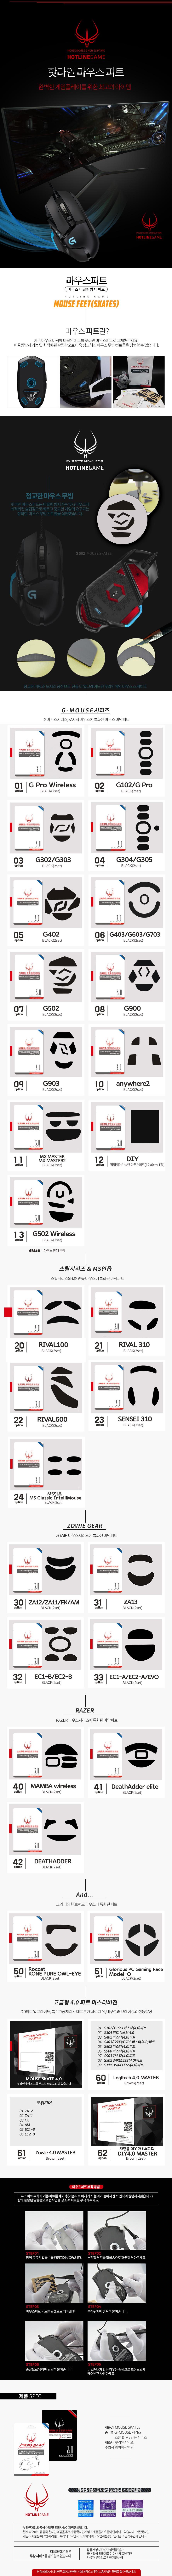 핫라인게임즈  마우스 피트 고급형 로지텍(G502 Wireless)